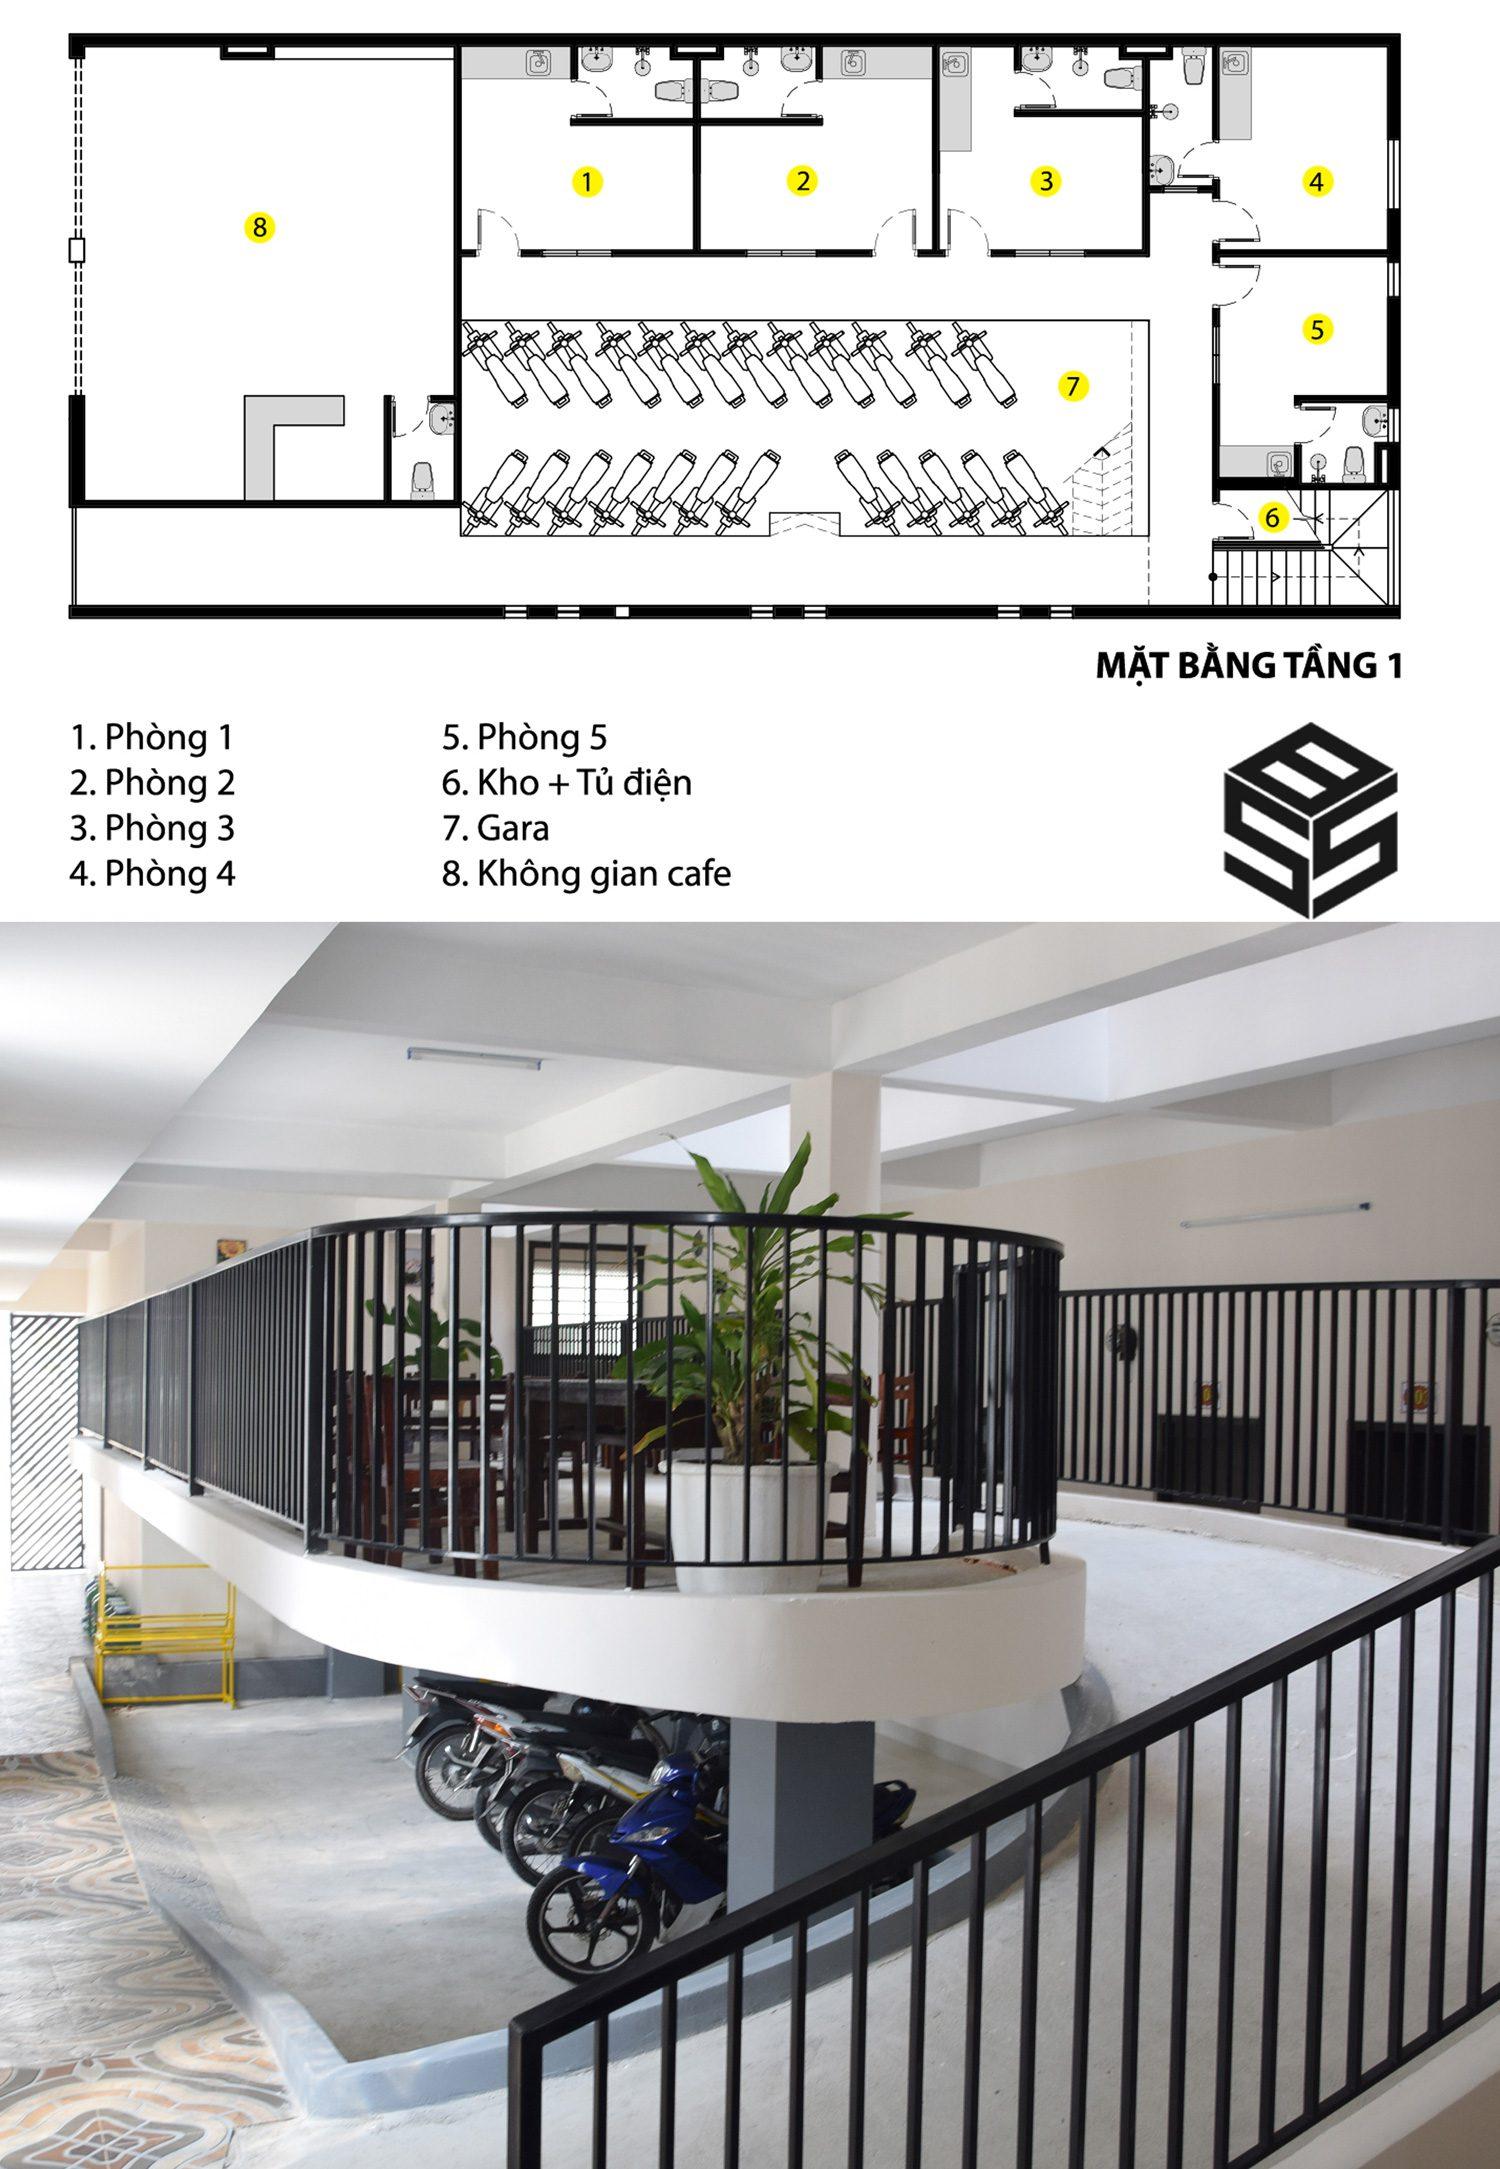 Thiết kế phòng trọ